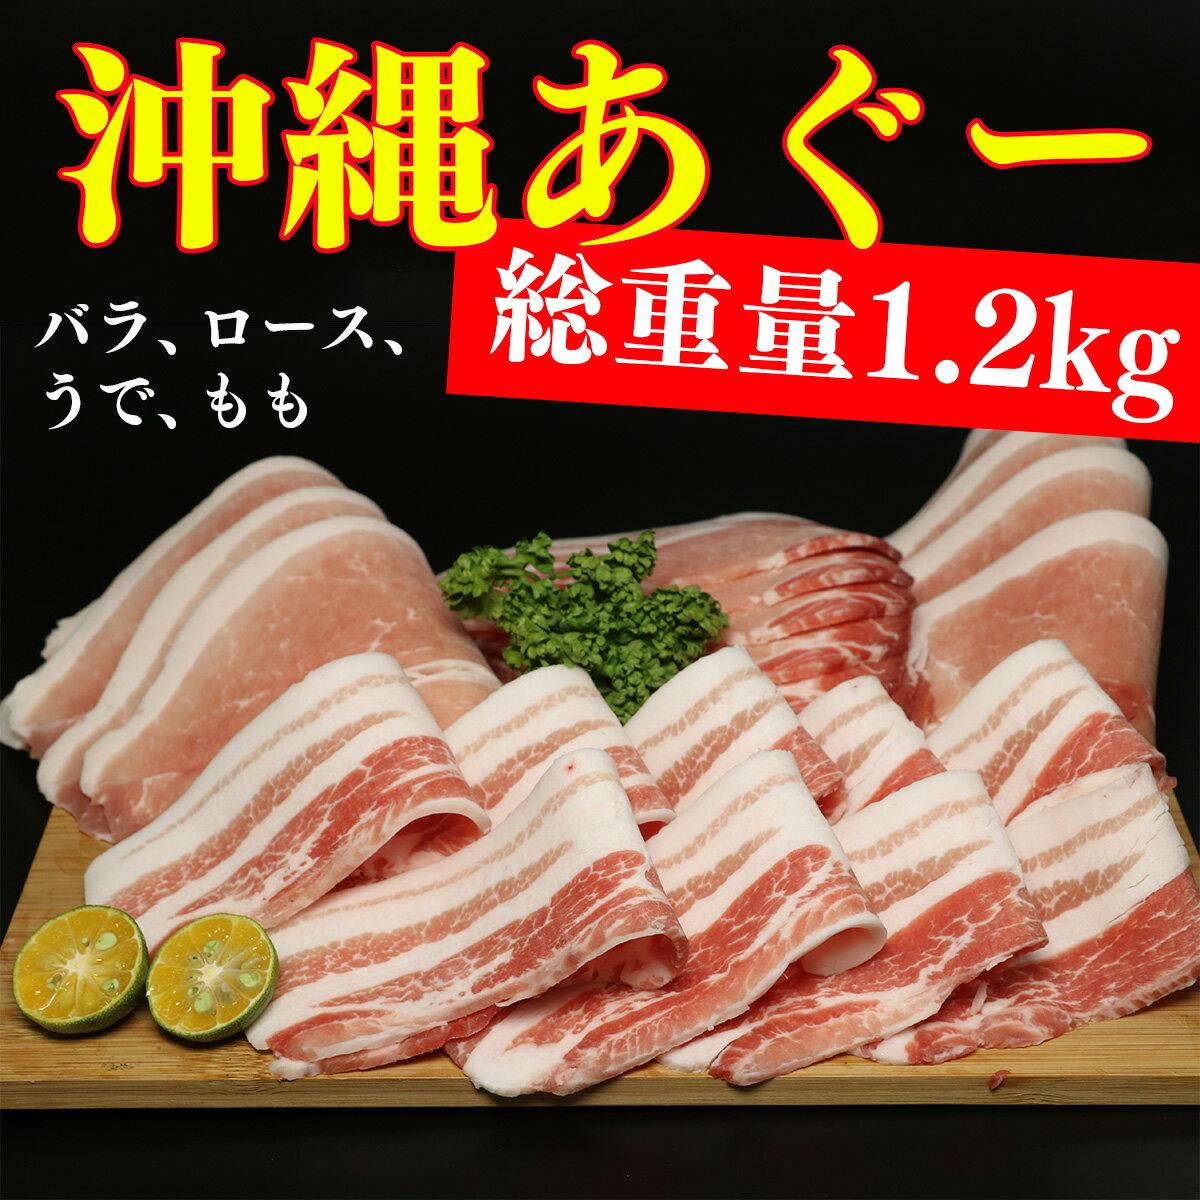 【ふるさと納税】沖縄あぐーしゃぶしゃぶ用バラ・ロース食べ比べセット(総重量1.2kg) 特製シークヮーサーポン酢付き